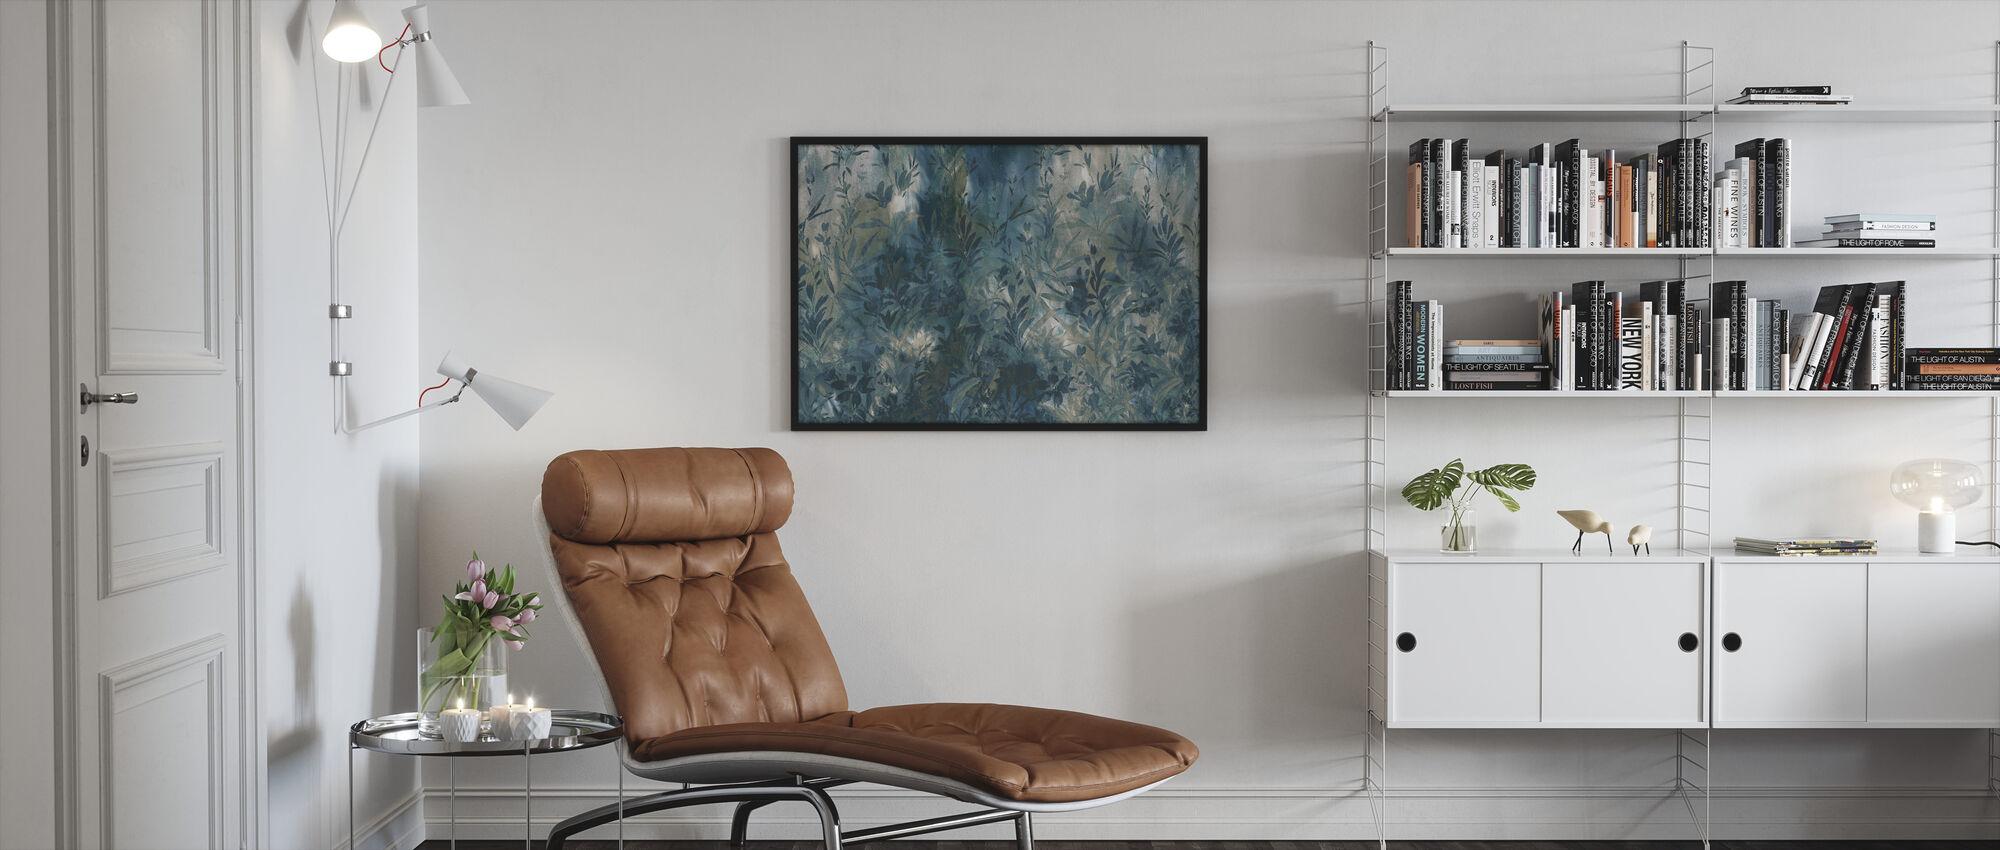 Herbage - Framed print - Living Room